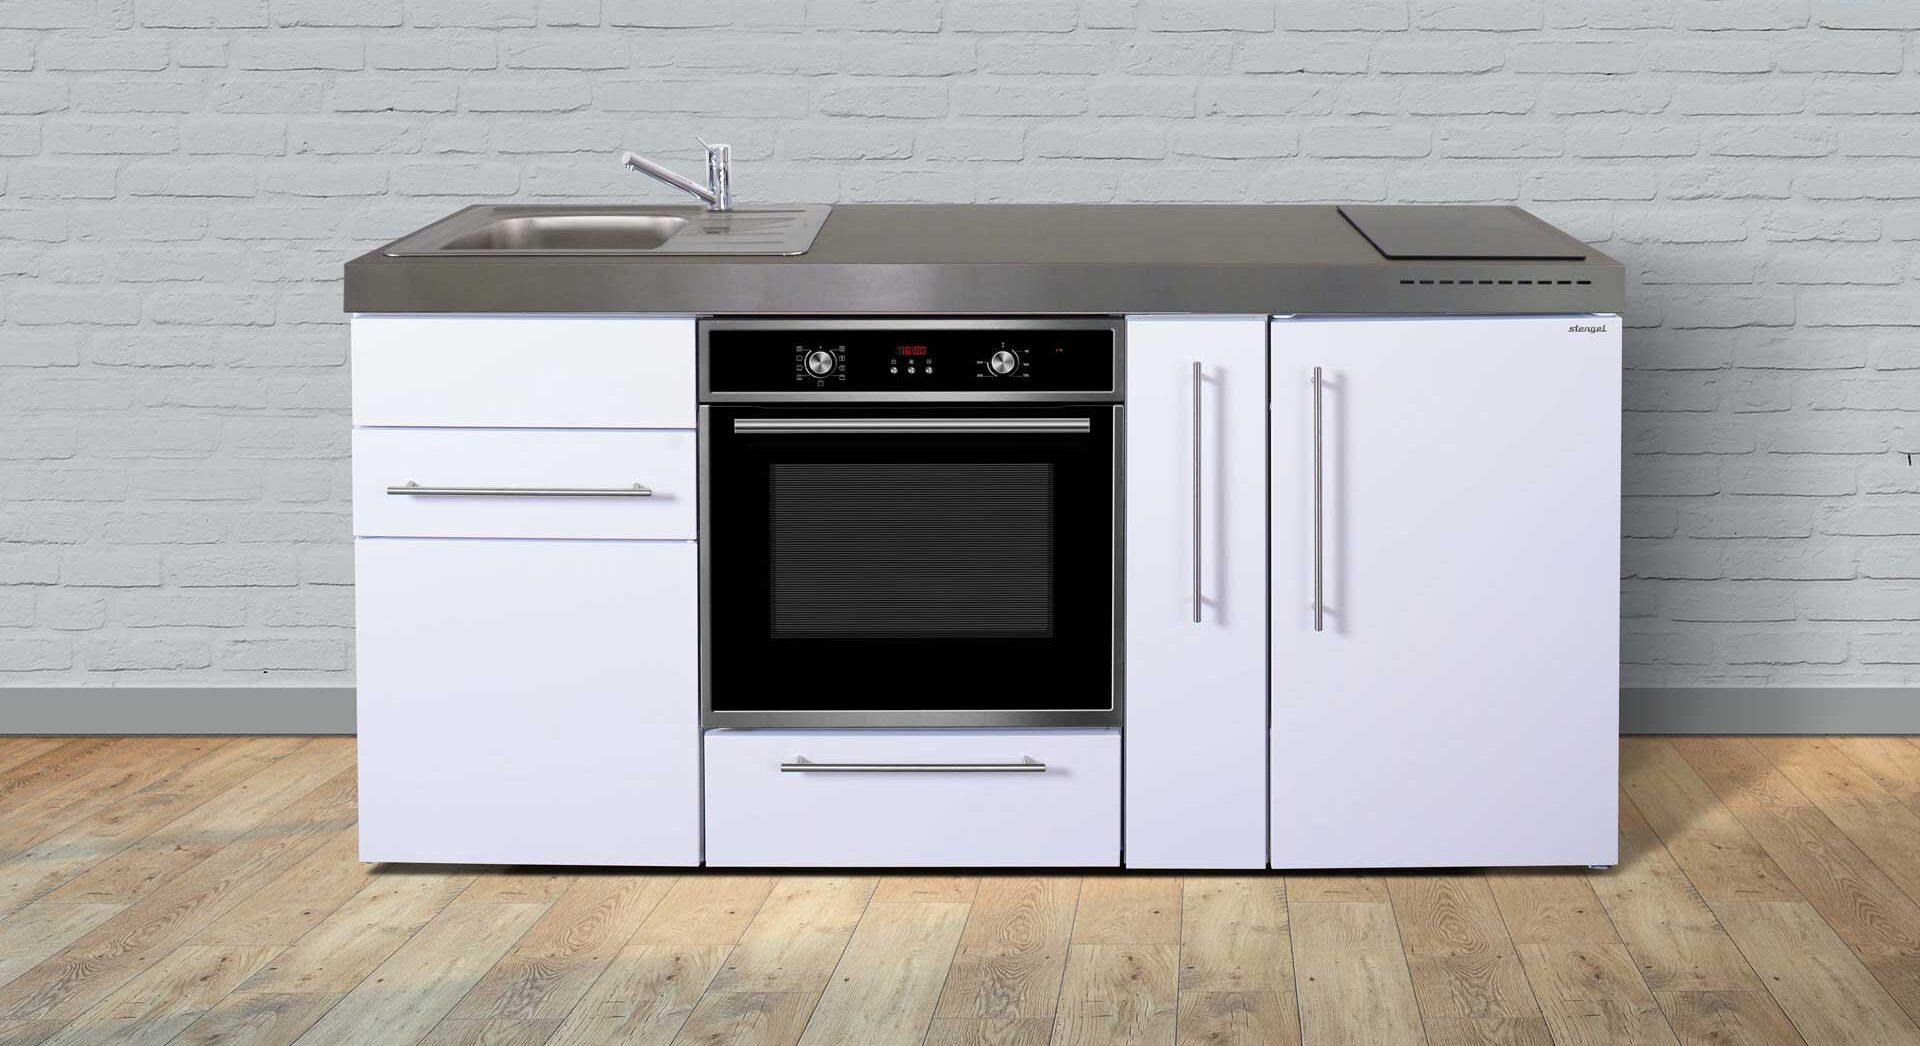 MPB 180 A minikøkken i rustfrit stål - vælg mellem 8 moderne farver, der passer til din bolig. Inkl. køleskab m. fryser, bageovn, udtræksskab, induktionskogeplader etc.